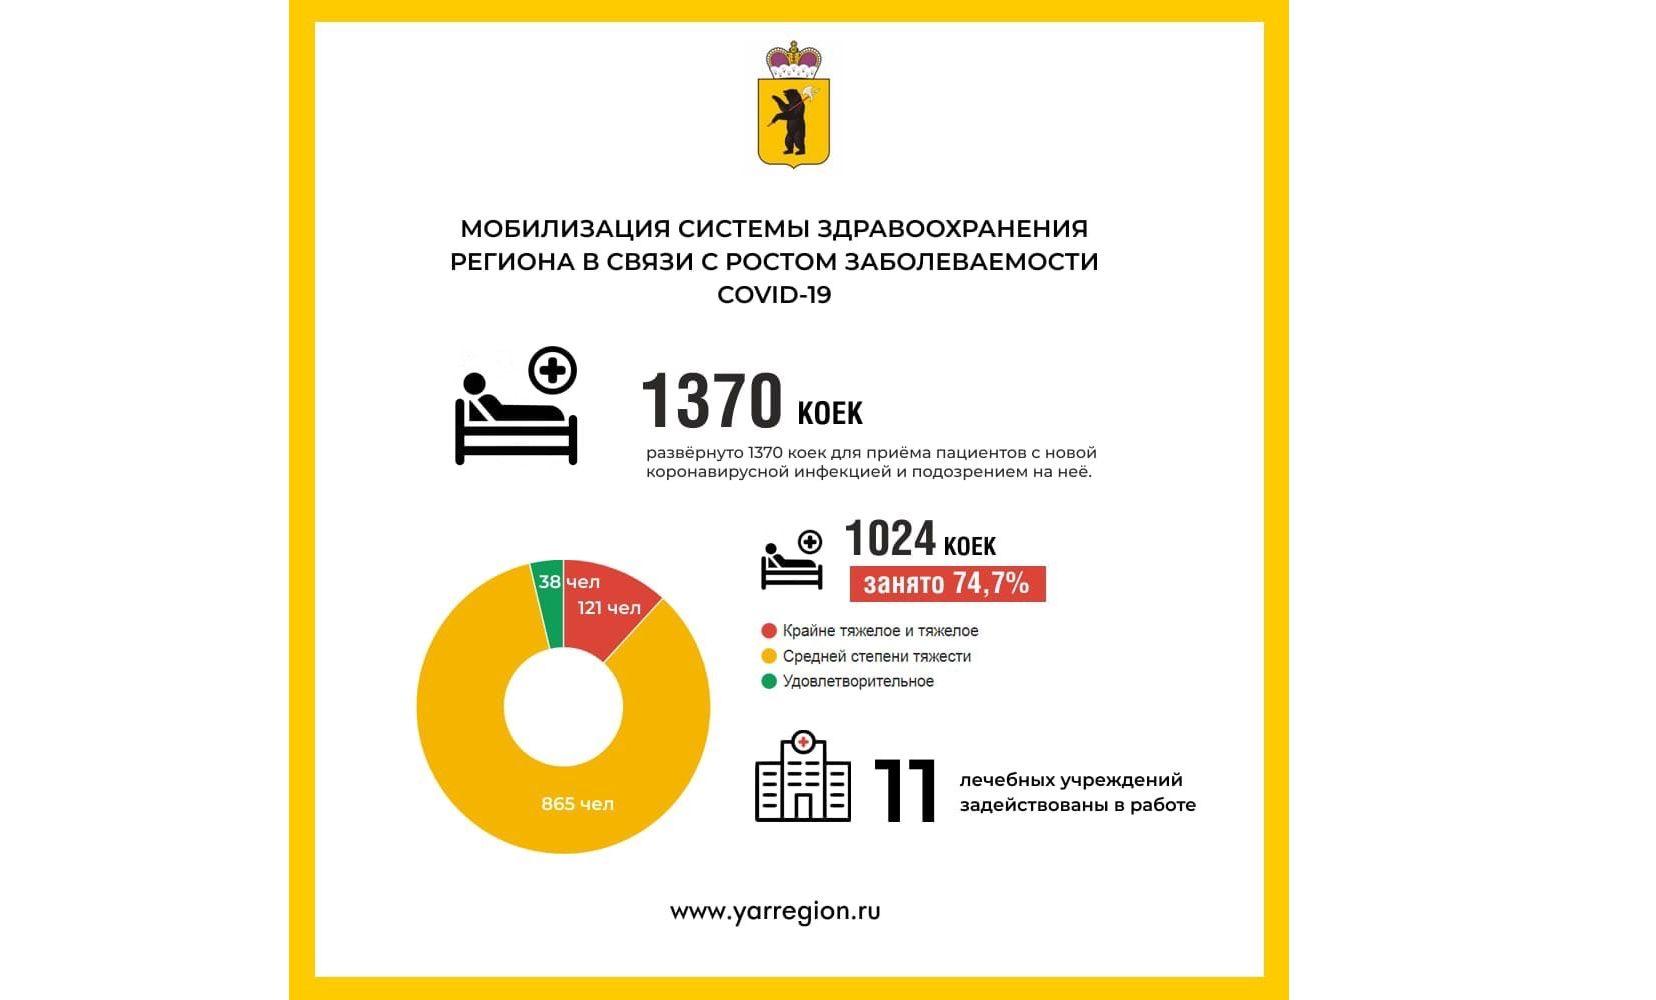 В Ярославской области 121 пациент с коронавирусом – в крайне тяжелом или тяжелом состоянии